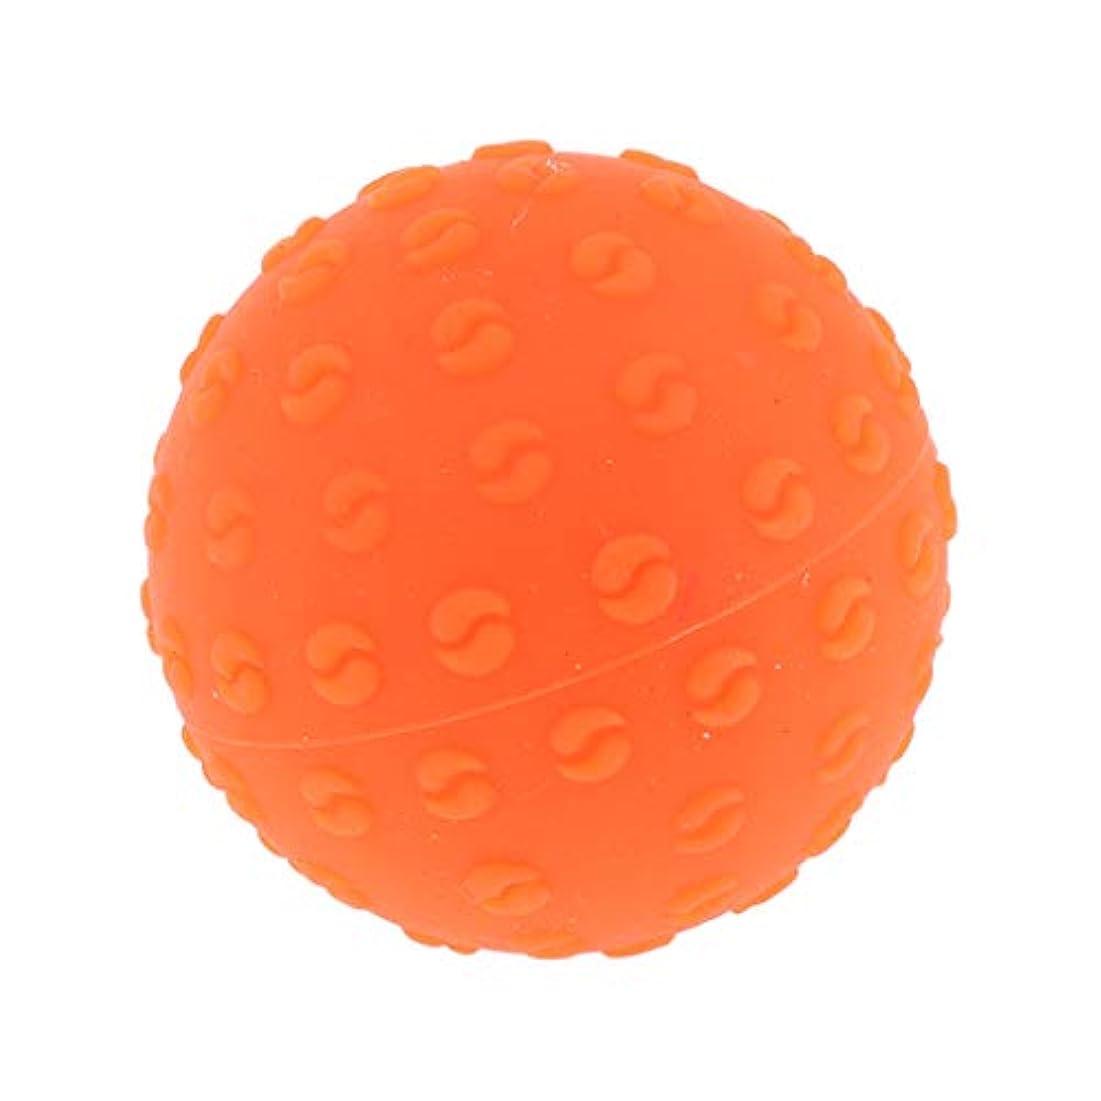 ビデオ恐ろしいですパフPerfeclan 全6色 マッサージボール 指圧ボール シリコーン トリガーポイント 足底筋膜炎 ヨガ 耐油性 快適 - オレンジ, 説明のとおり